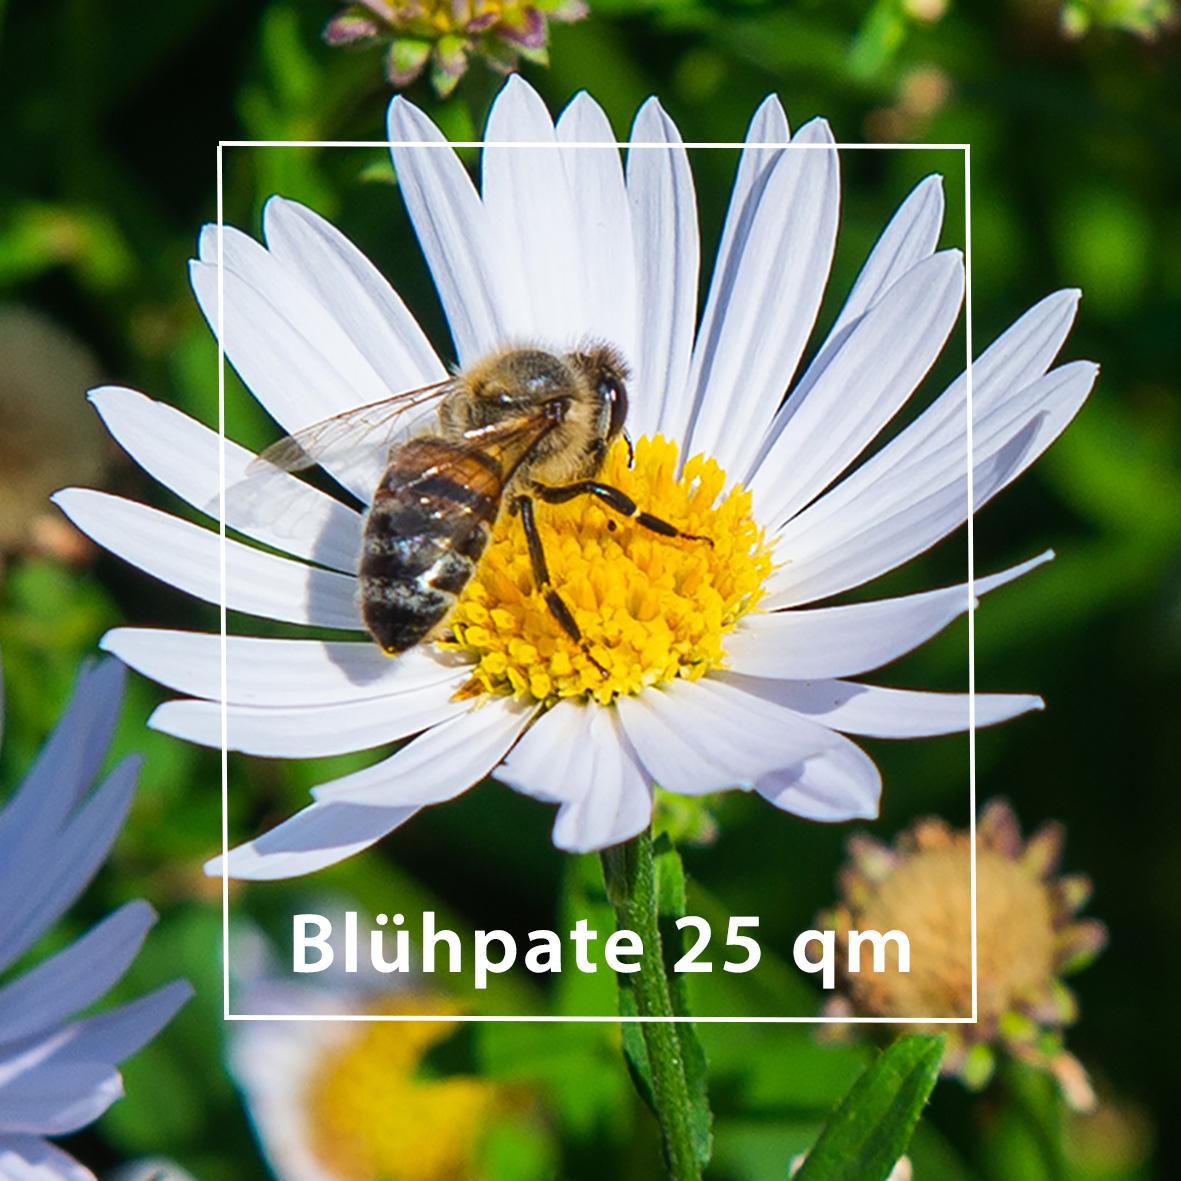 Blühpate insektenschutz Bremen